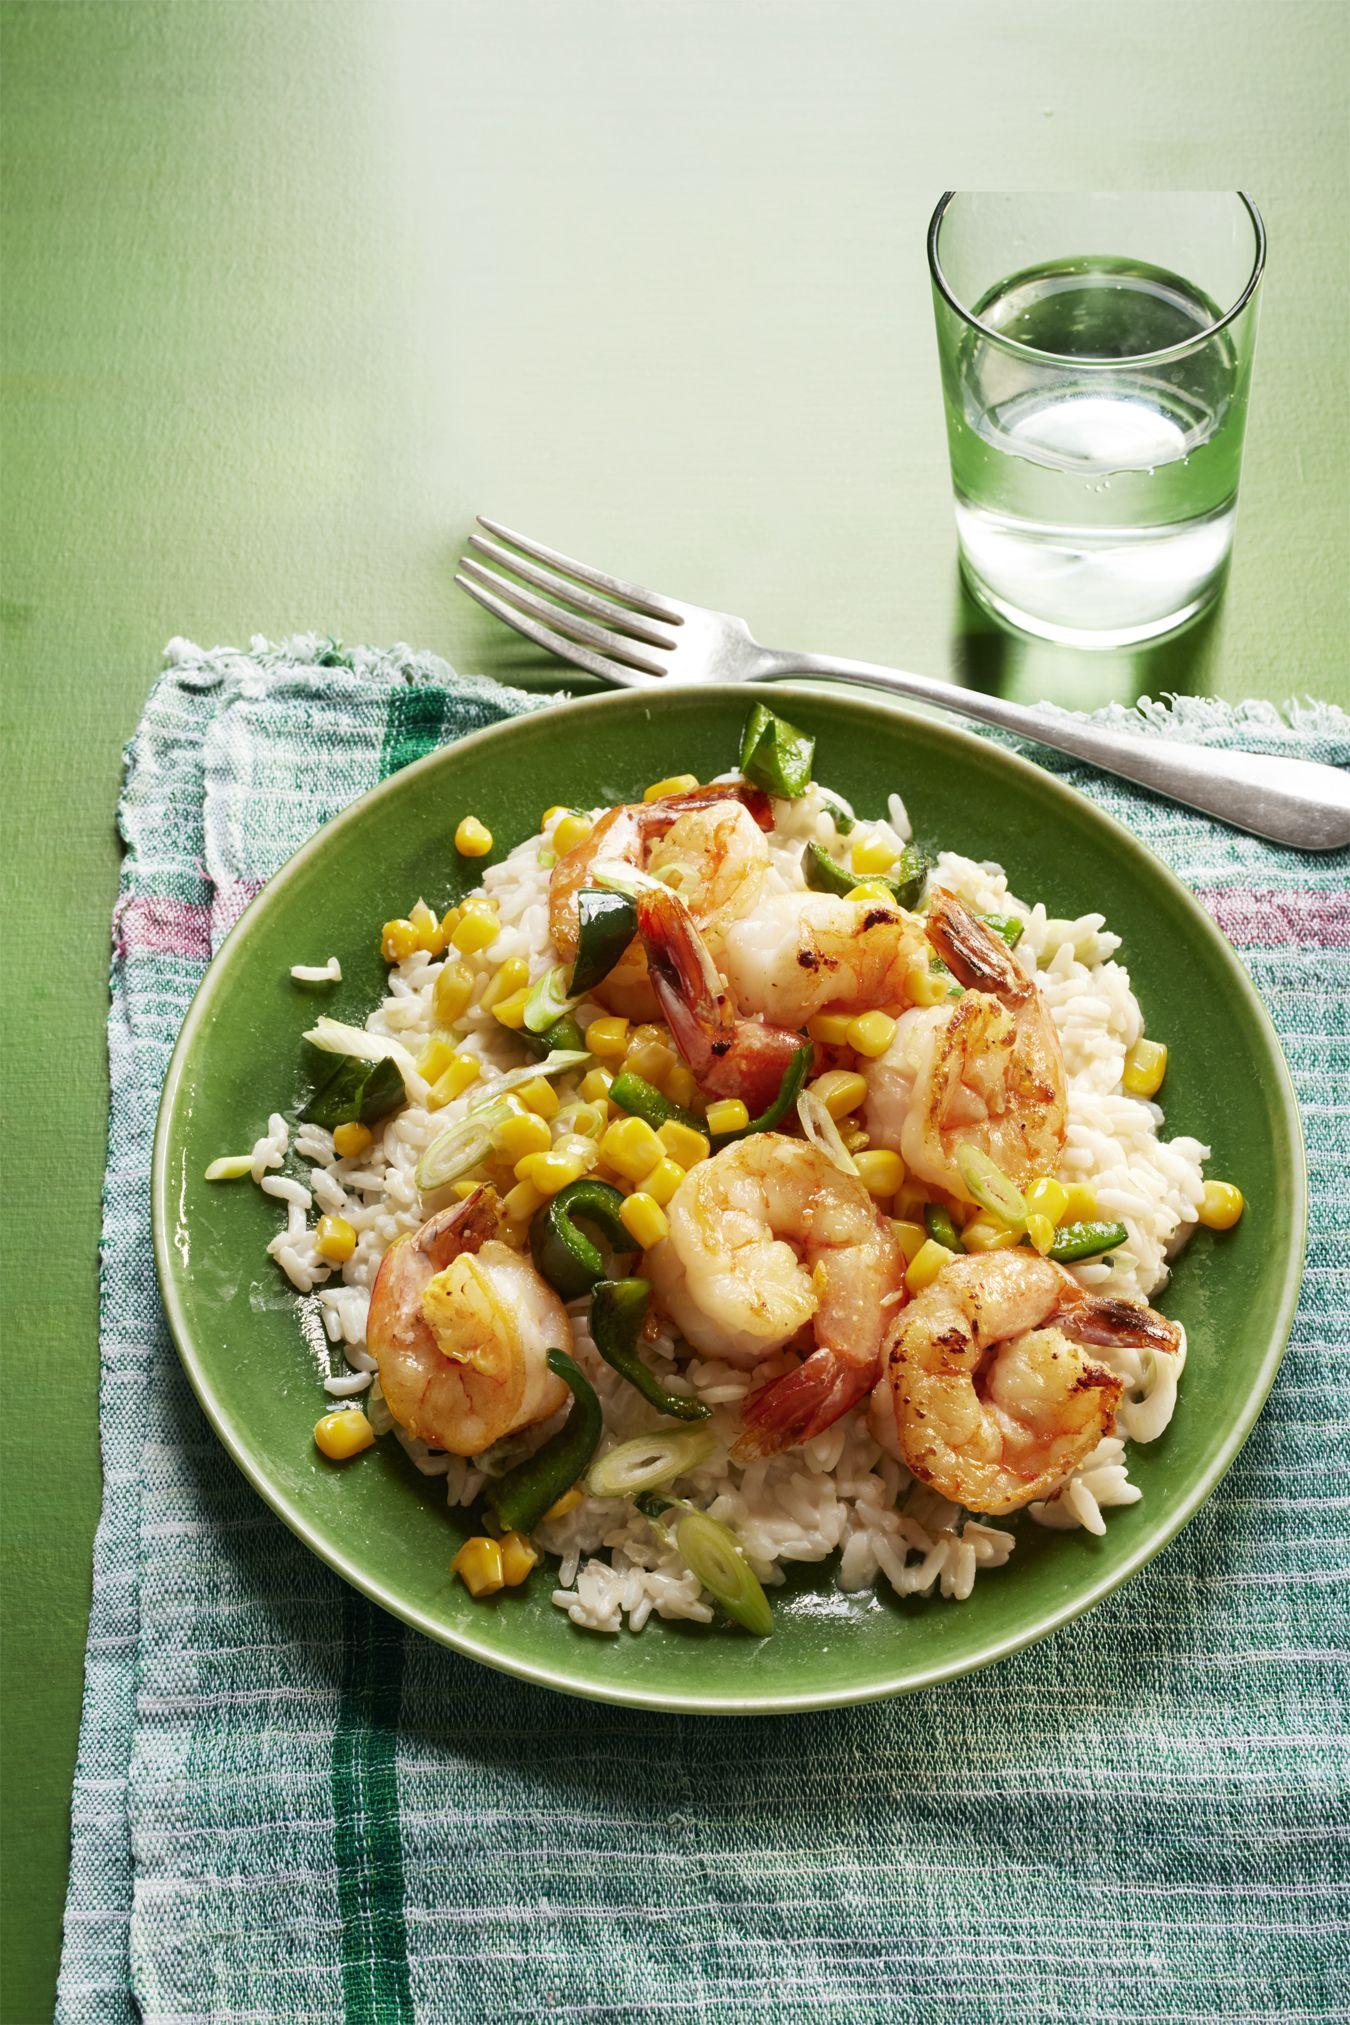 Sautéed Shrimp, Poblanos and Corn with Creamy Rice